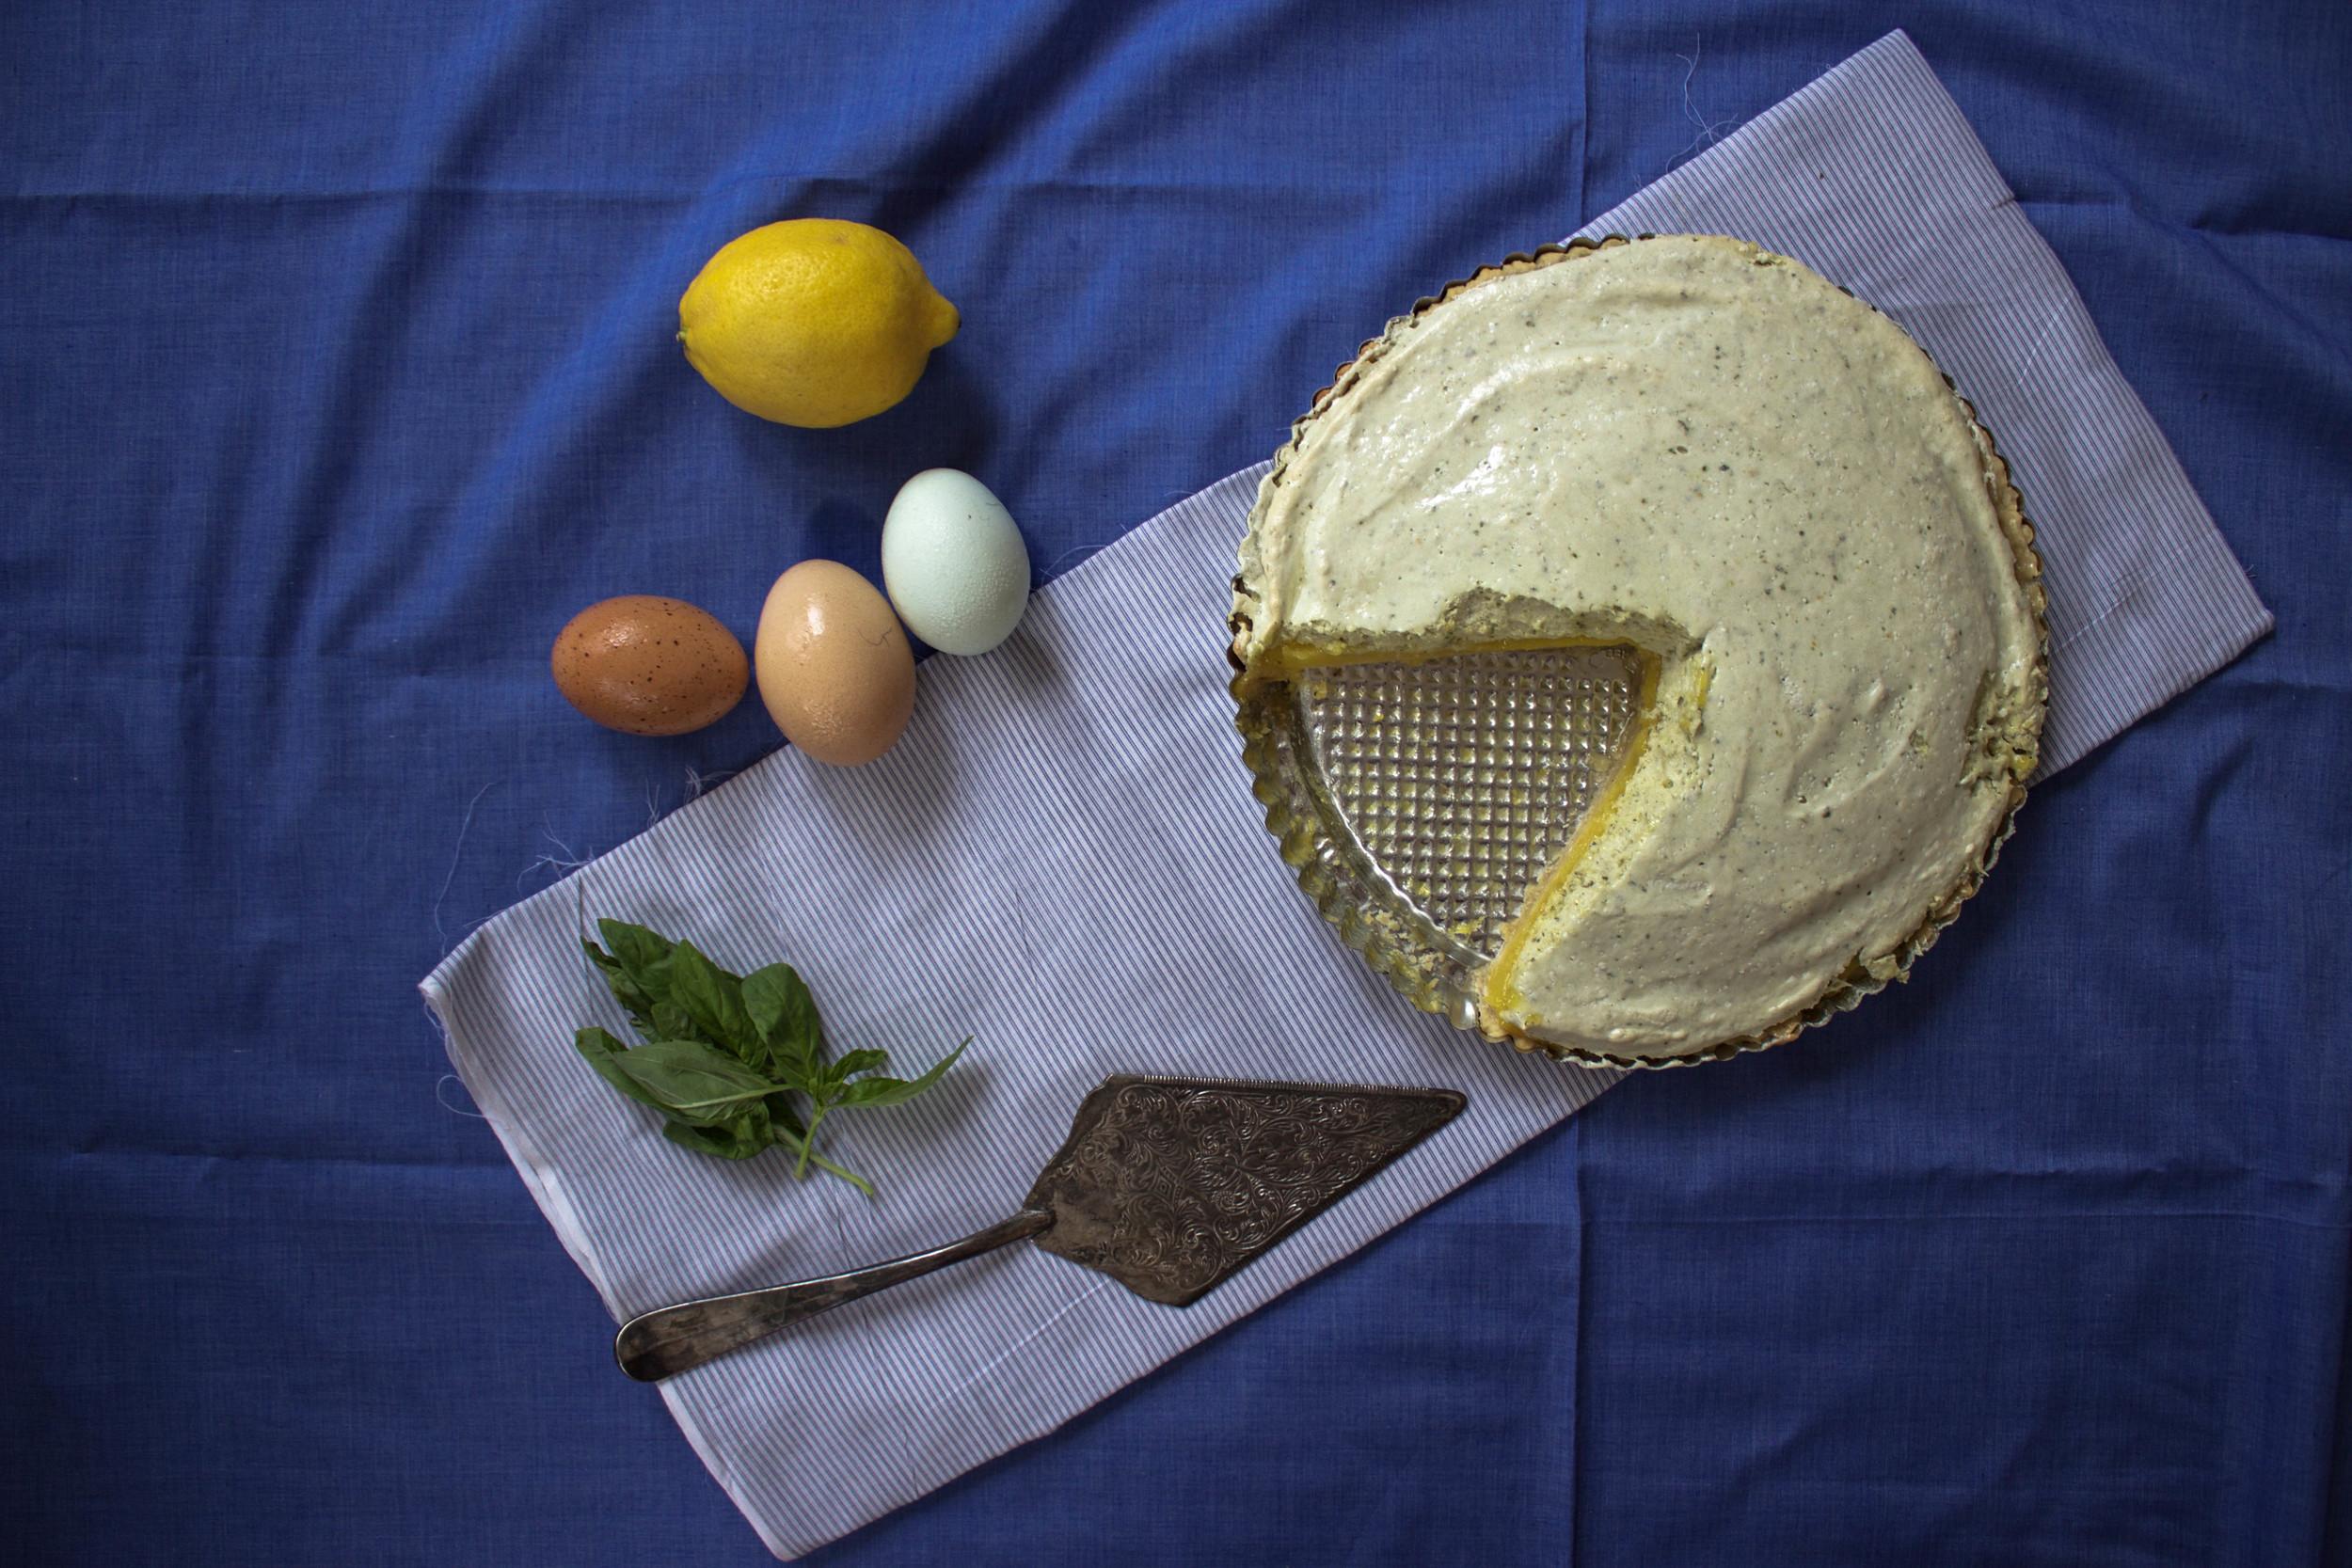 Lemon-Basil Tart